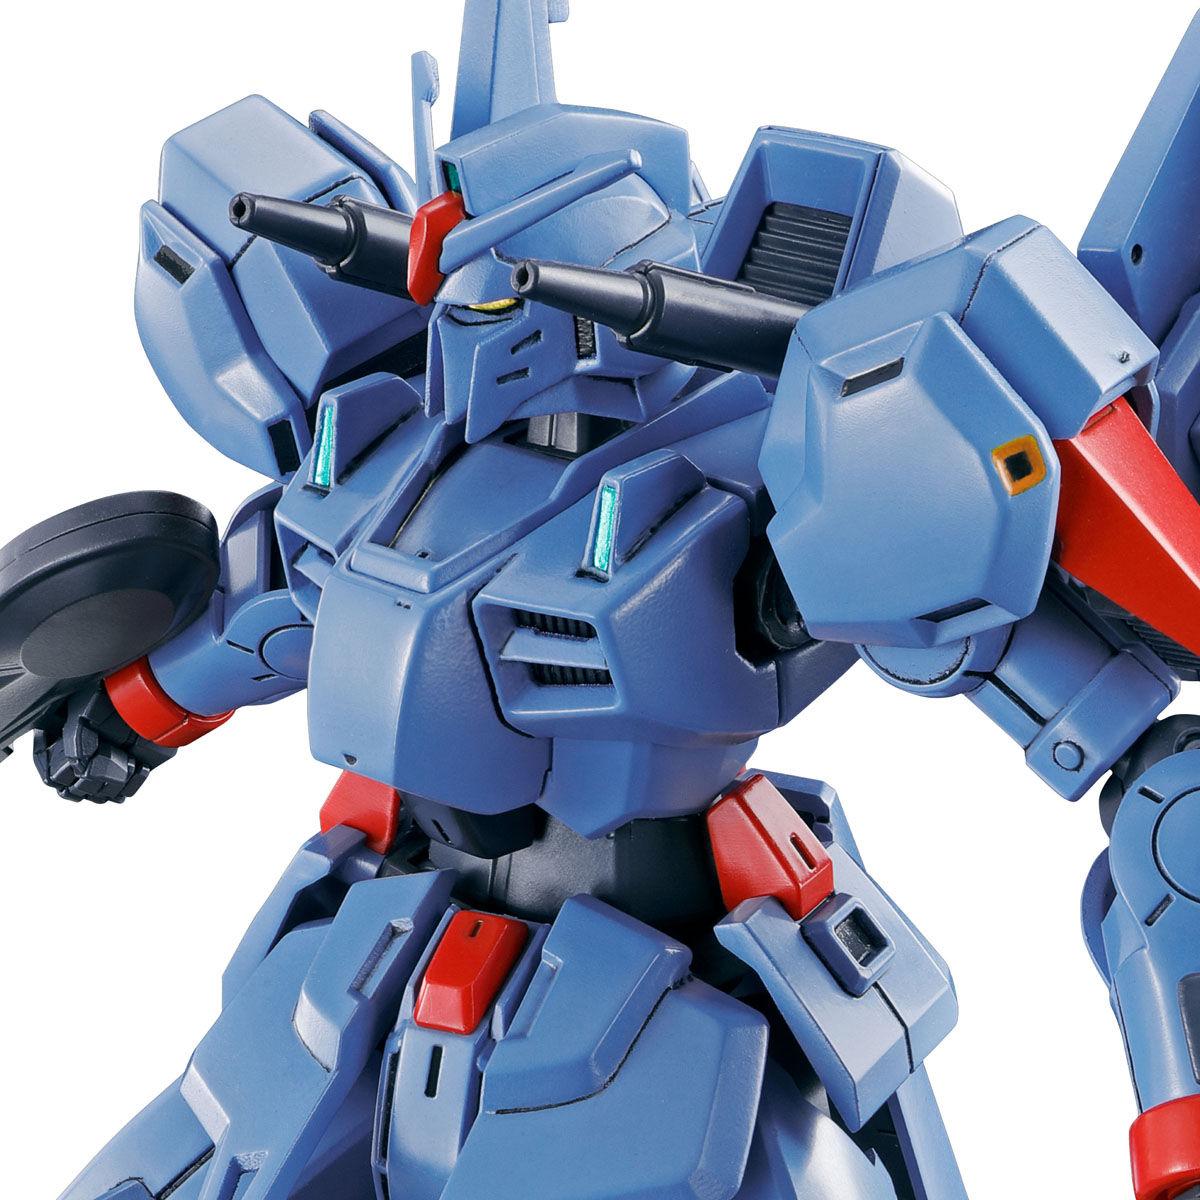 【限定販売】【2次】HG 1/144『ガンダムMk-III』Ζ-MSV プラモデル-010